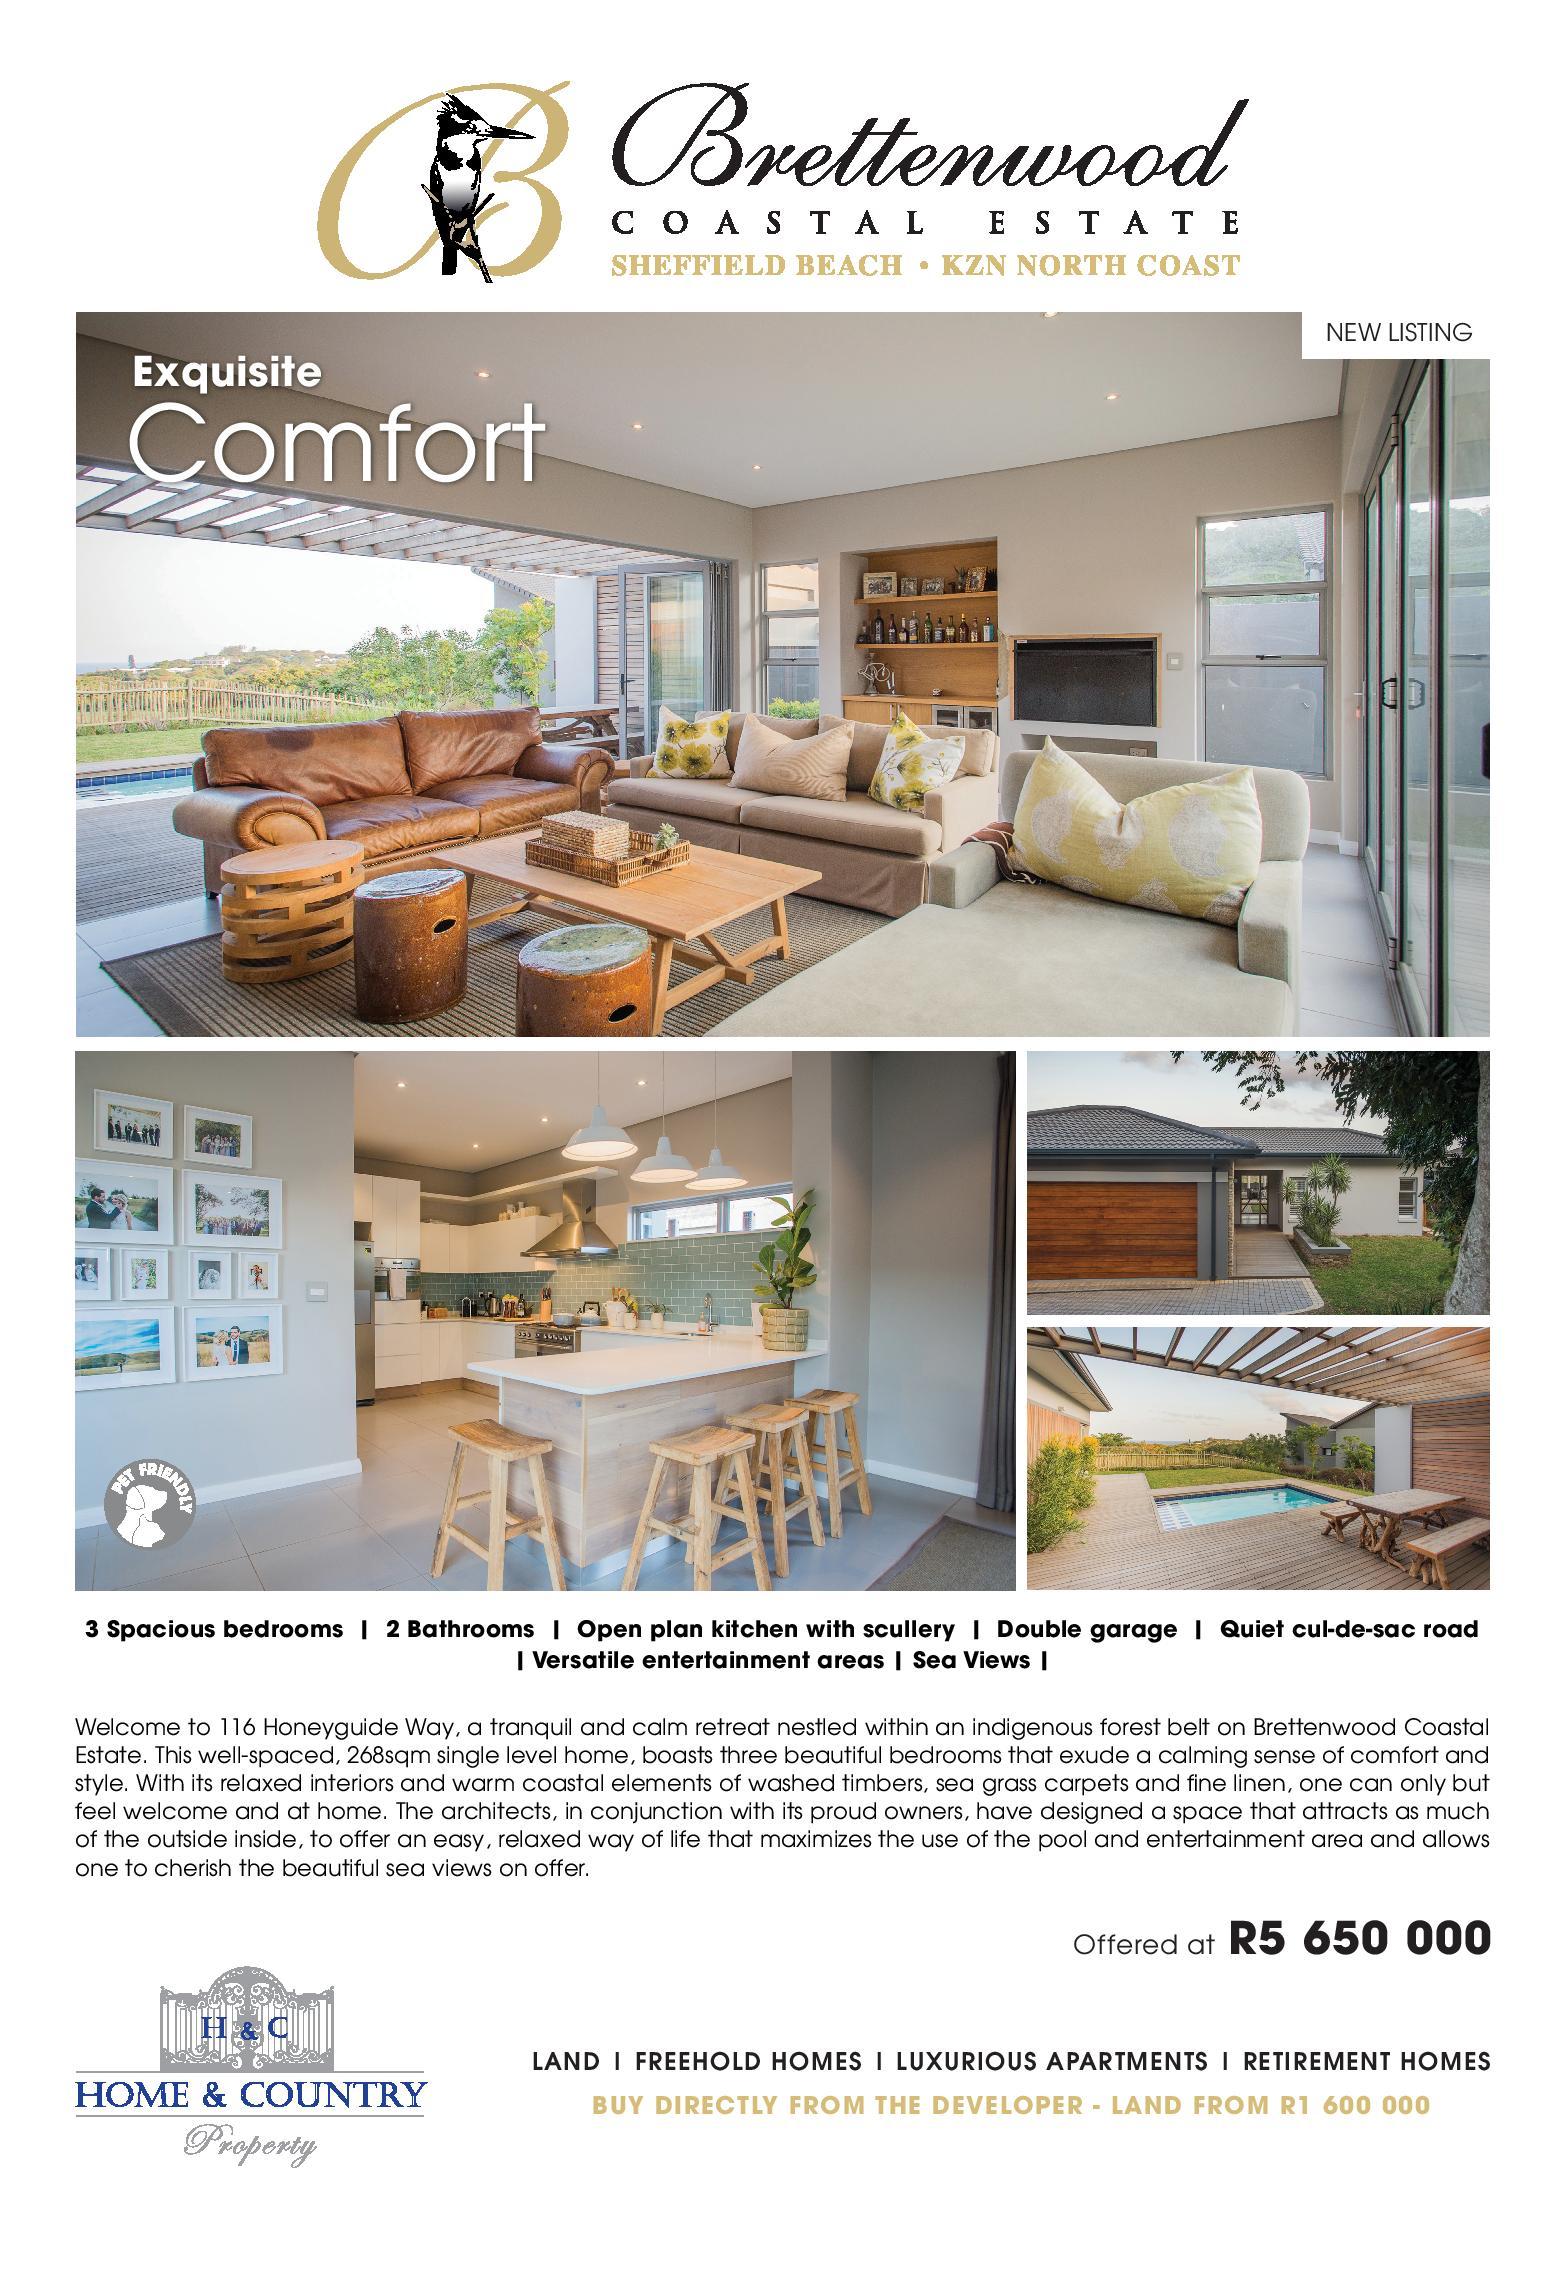 Brettenwood Coastal Estate in KZN > Your Neighbourhood